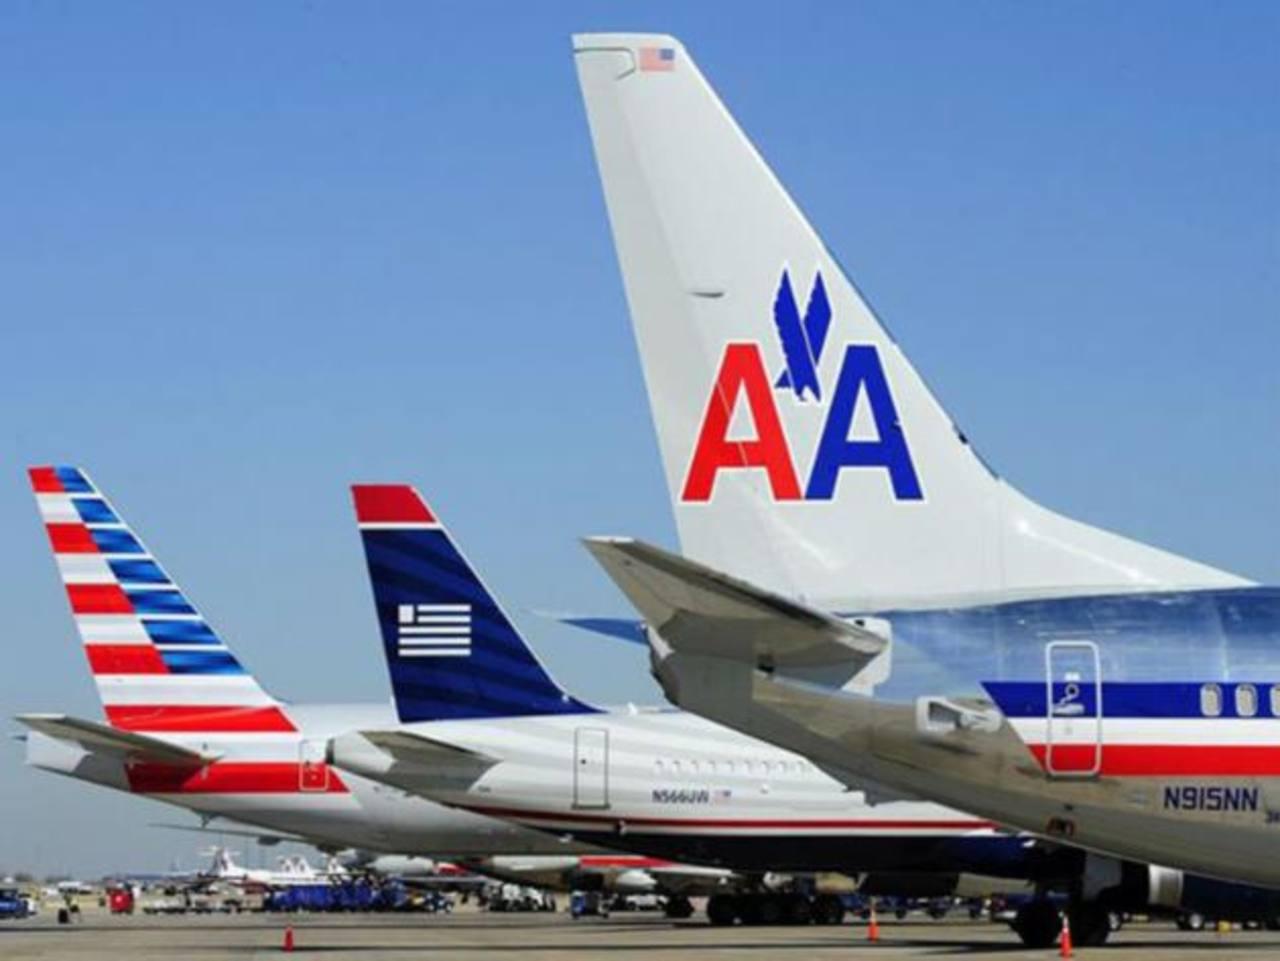 En un comunicado, la Asociación de Transporte Aéreo Internacional (IATA) explica que el sistema de control de cambio que rige en Venezuela afecta a un total de 24 aerolíneas.